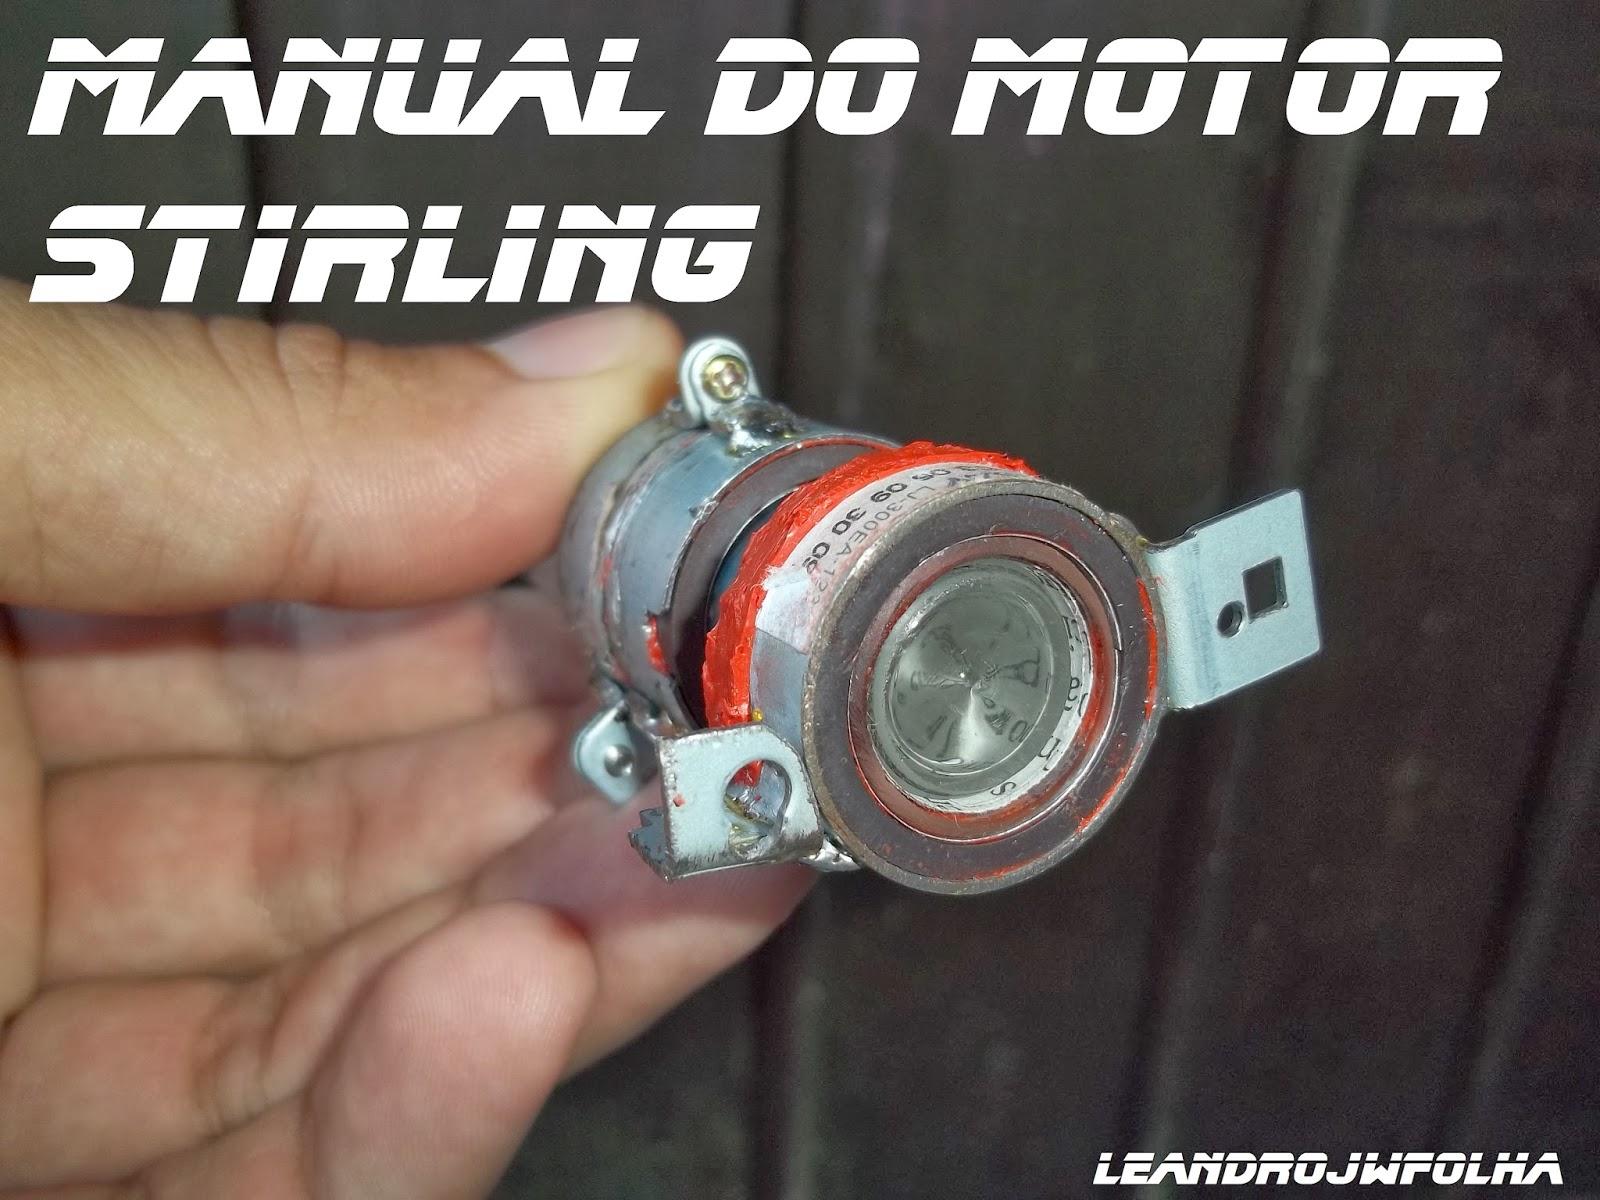 Manual do motor Stirling, pistão frio com uma folga de 0,12 mm entre o cilindro e o pistão